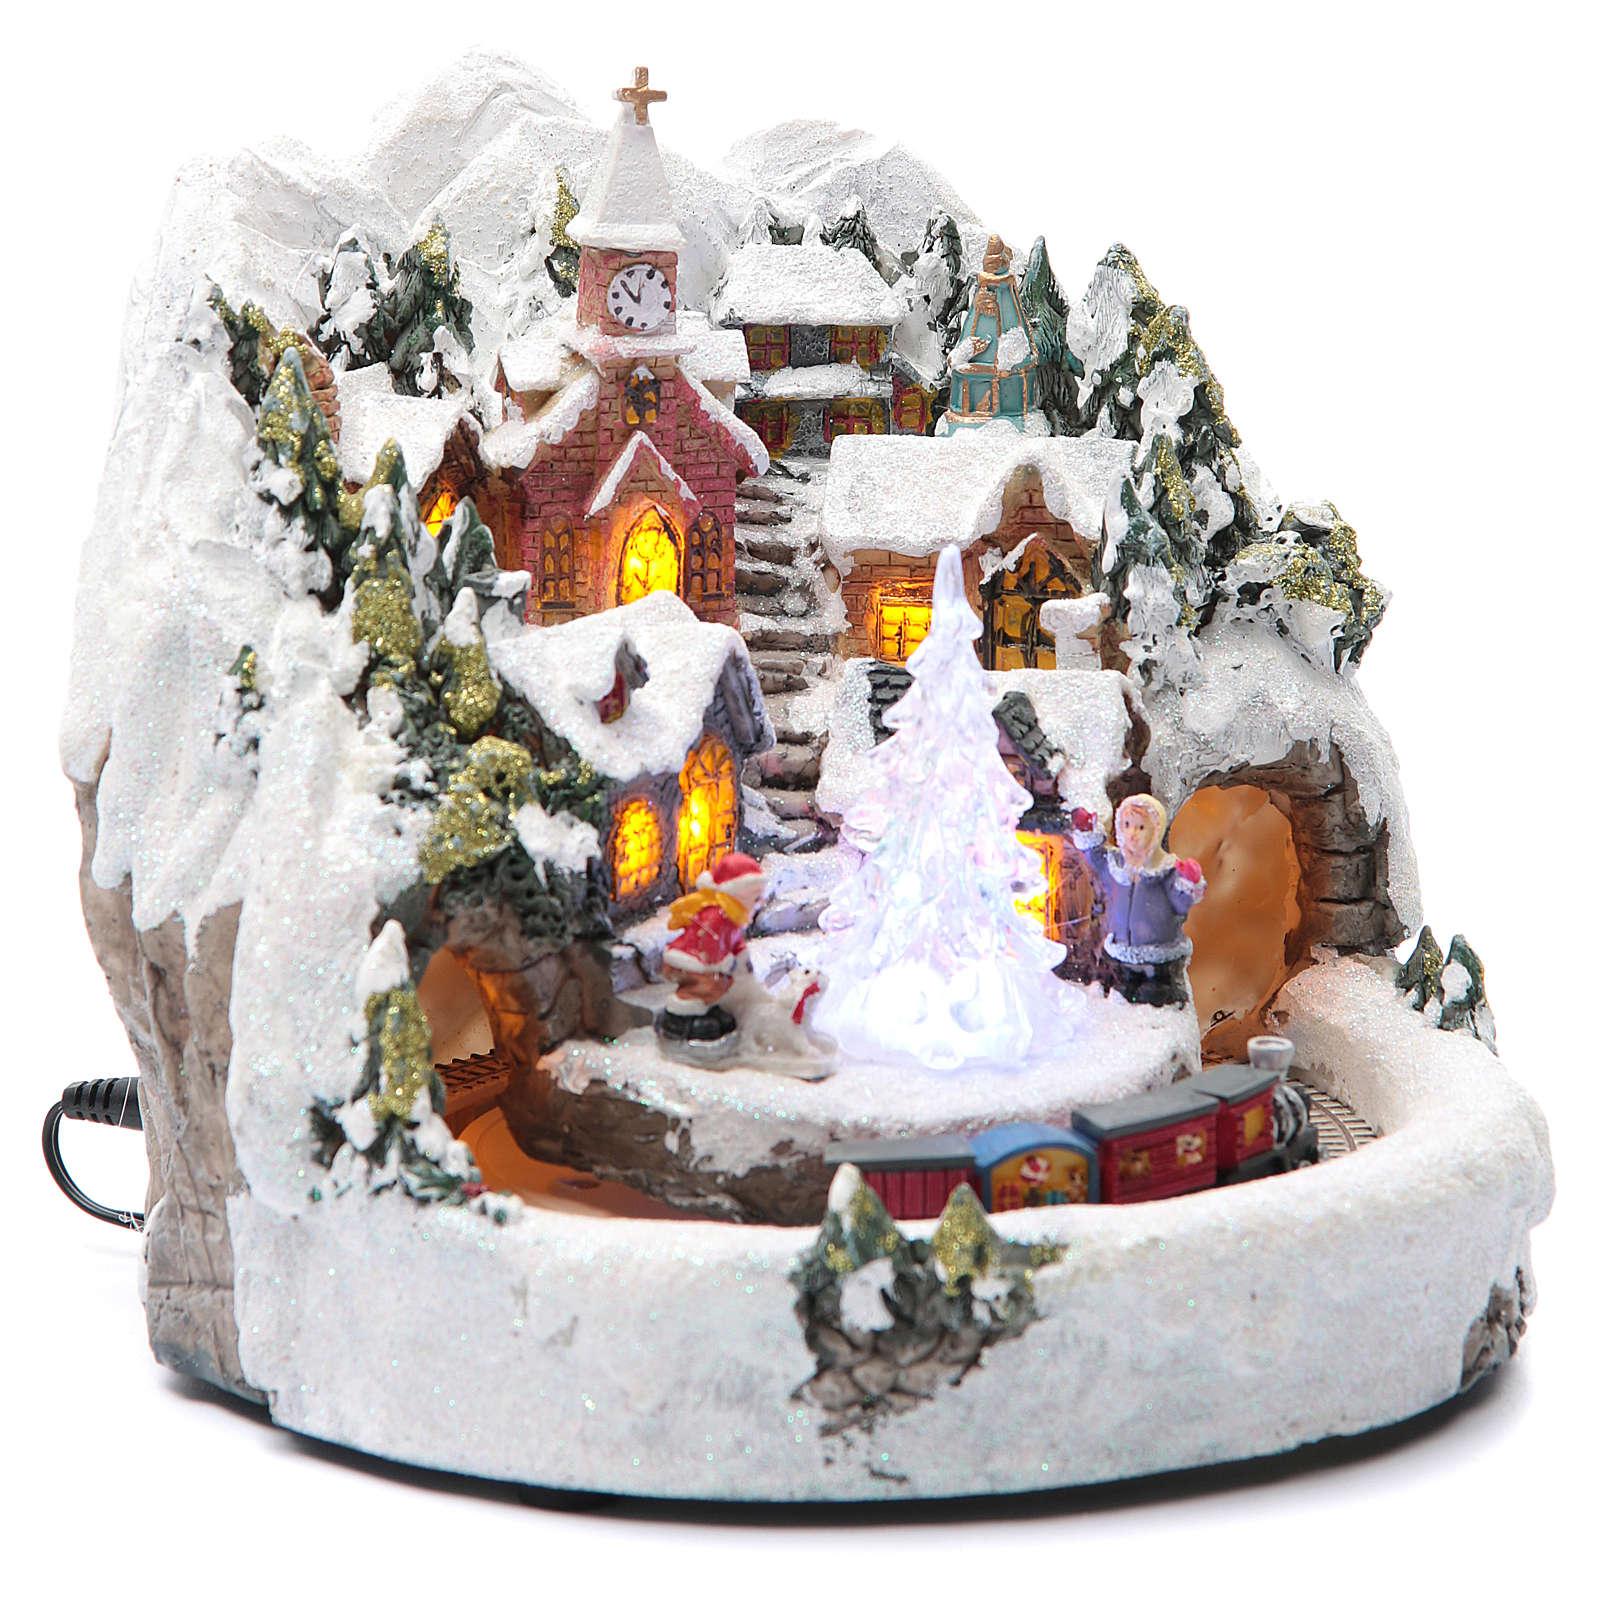 Weihnachtsszene mit Zug 20x20cm | Online Verfauf auf HOLYART